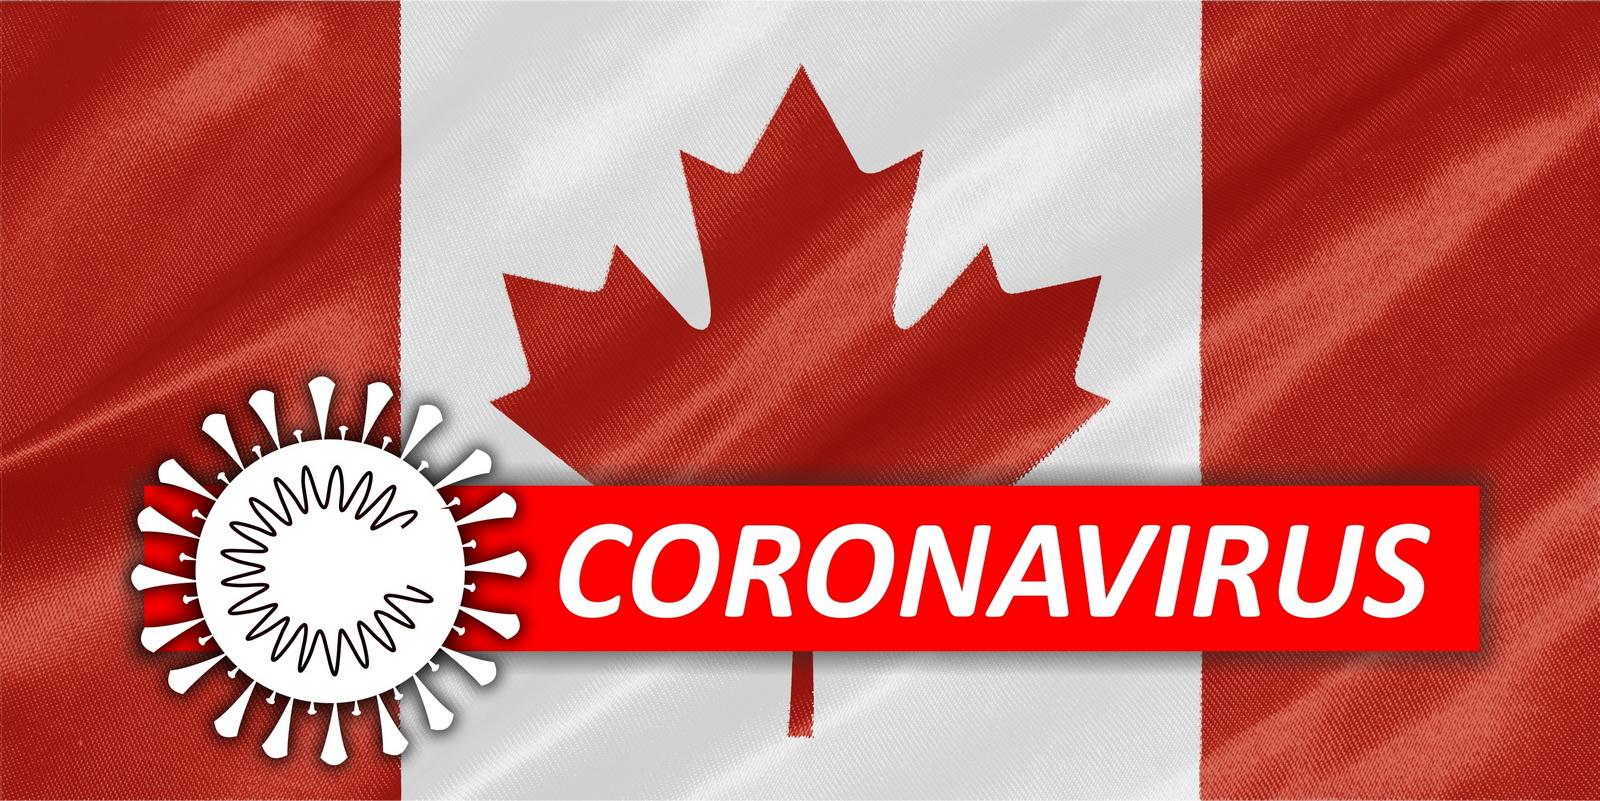 Коронавирус и программа поддержки  бизнеса Канады